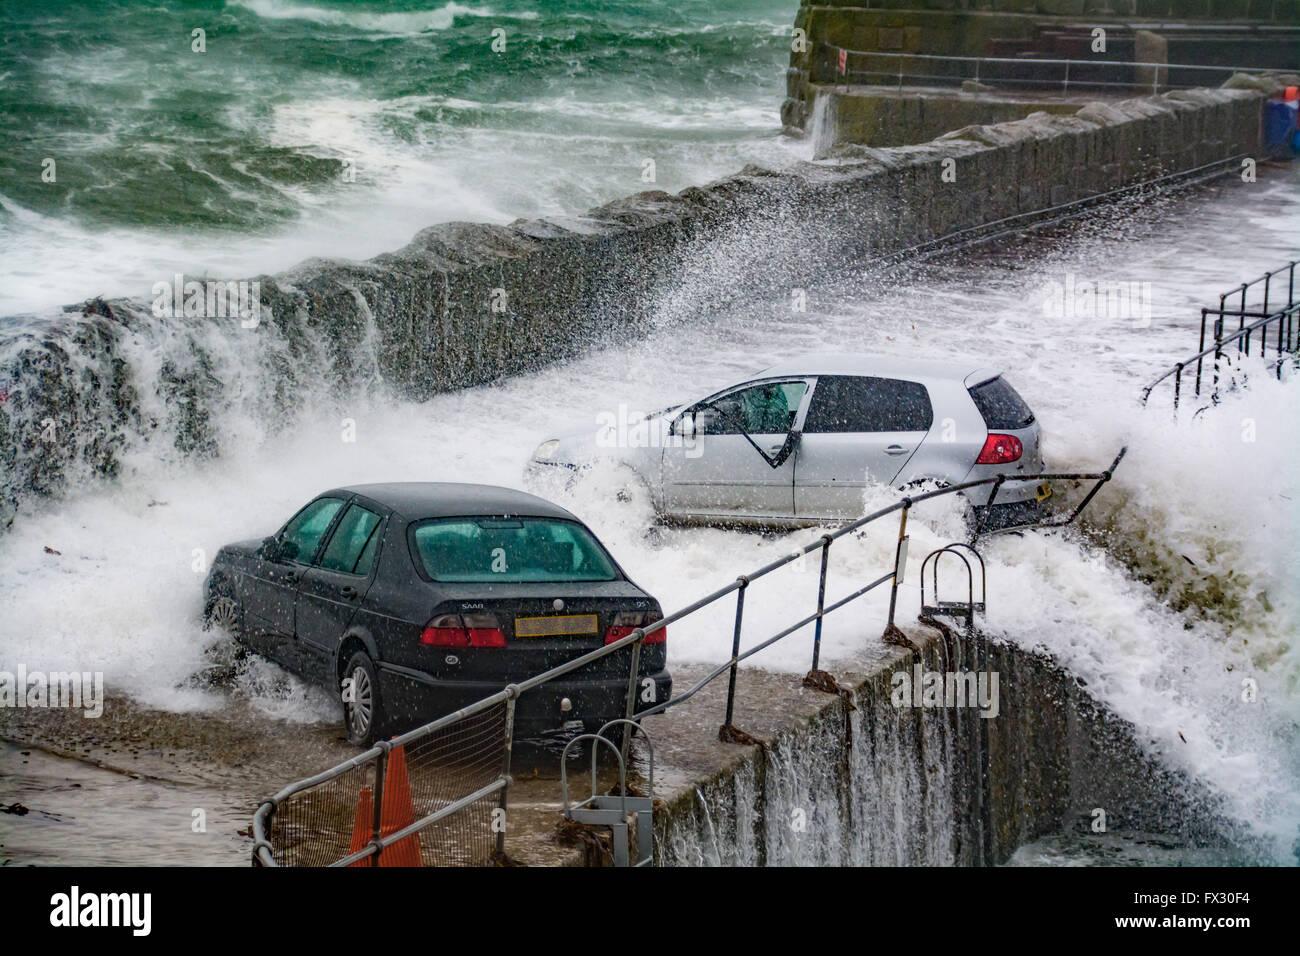 Mousehole, Cornwall, UK. 10 avril 2016. Météo britannique. Le moment la force de la mer presque pousse cette voiture dans le port de Mousehole, au cours de cette matinée d'énormes vagues. Crédit: Simon Maycock/Alamy Live News Banque D'Images